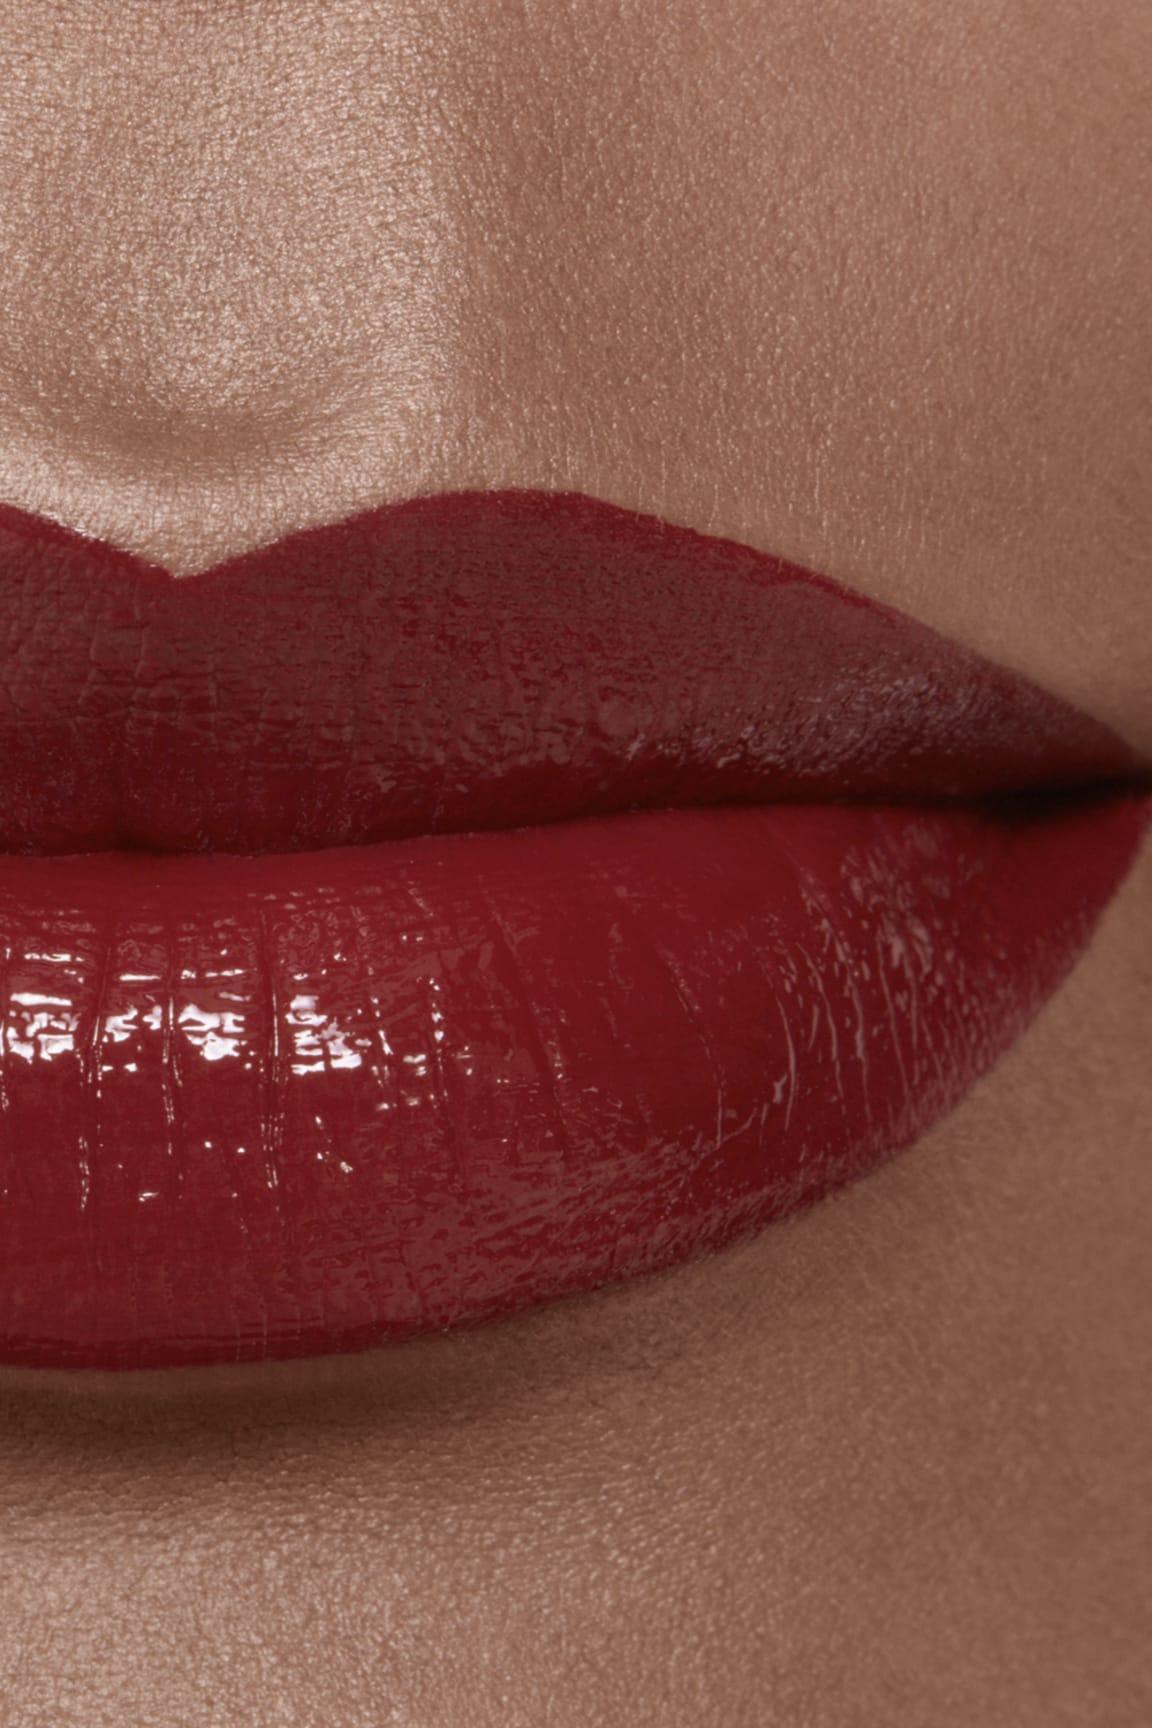 Imagen aplicación de maquillaje 2 - ROUGE ALLURE LAQUE 74 - EXPÉRIMENTÉ